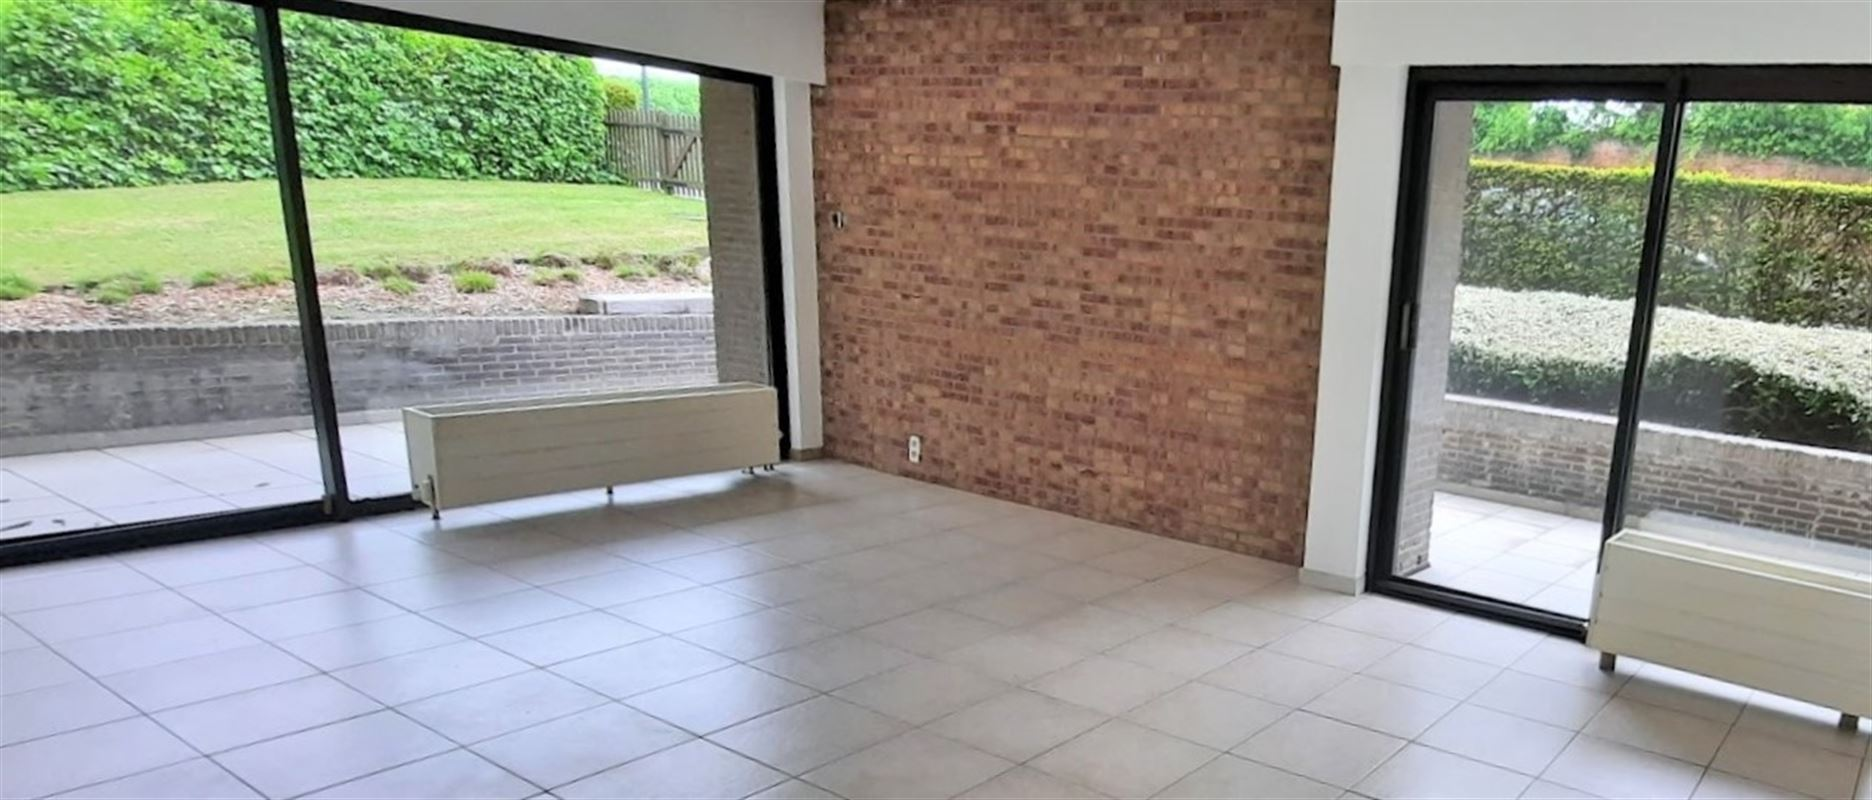 Foto 3 : Appartement te 2800 MECHELEN (België) - Prijs € 775